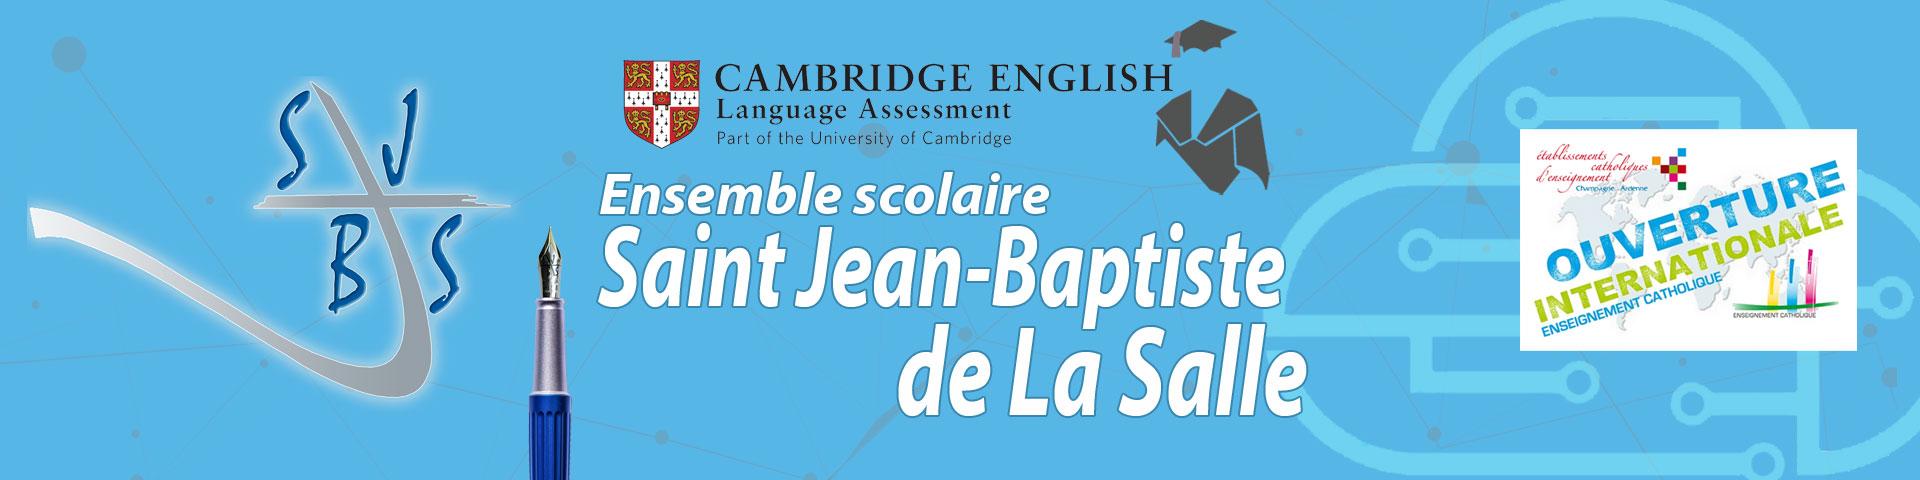 Ensemble scolaire Saint Jean-Baptiste de la Salle